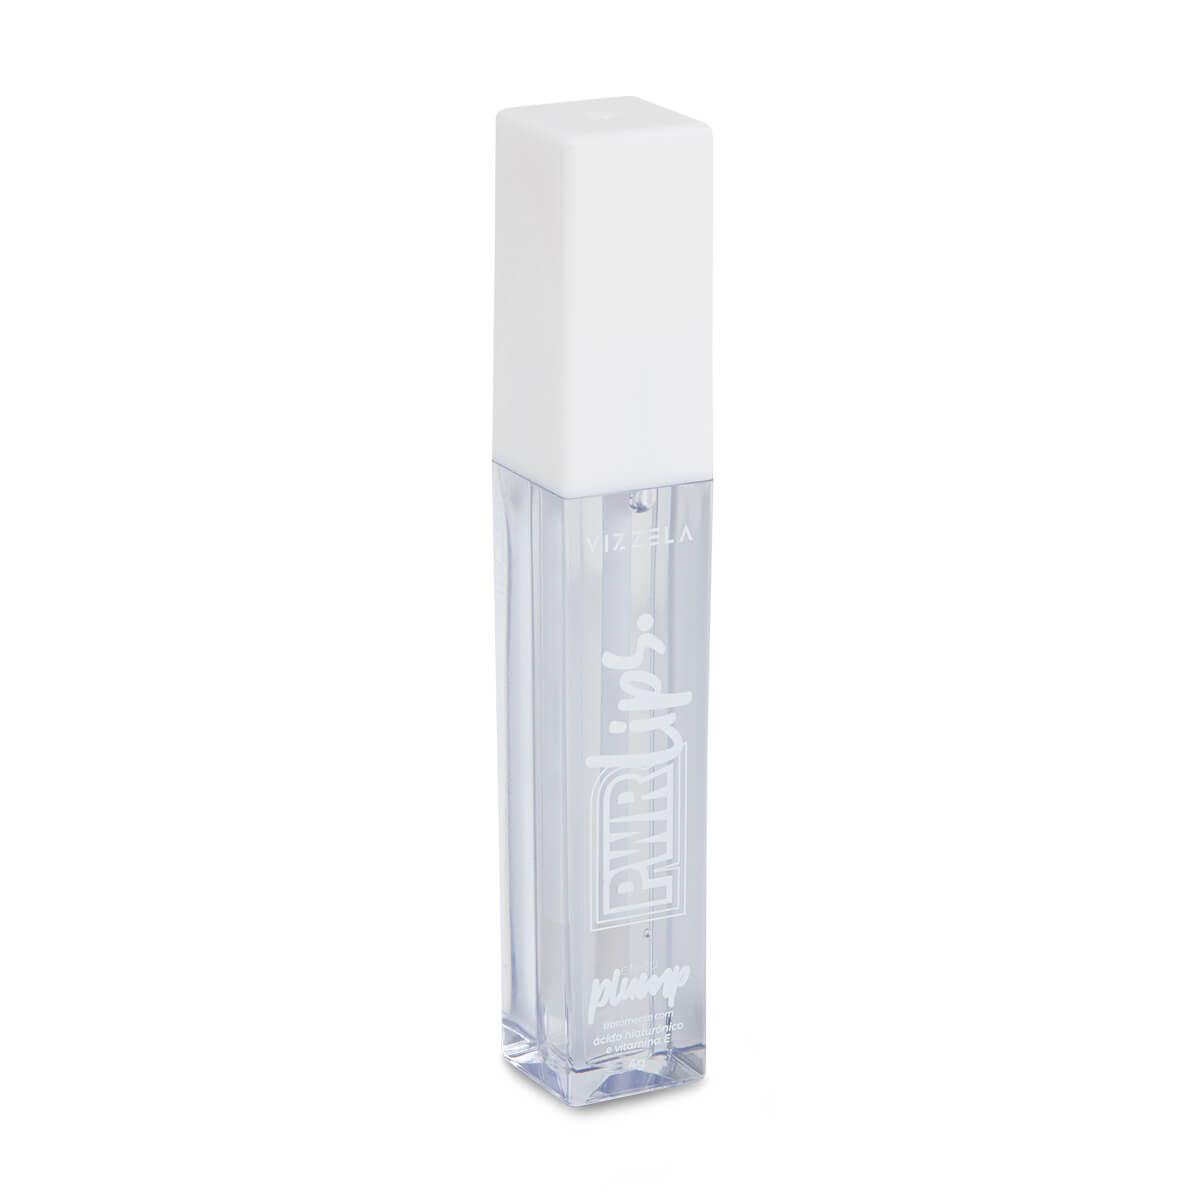 Gloss Power Lips Vizzela Cor Incolor - Top Coat Efeito Plump